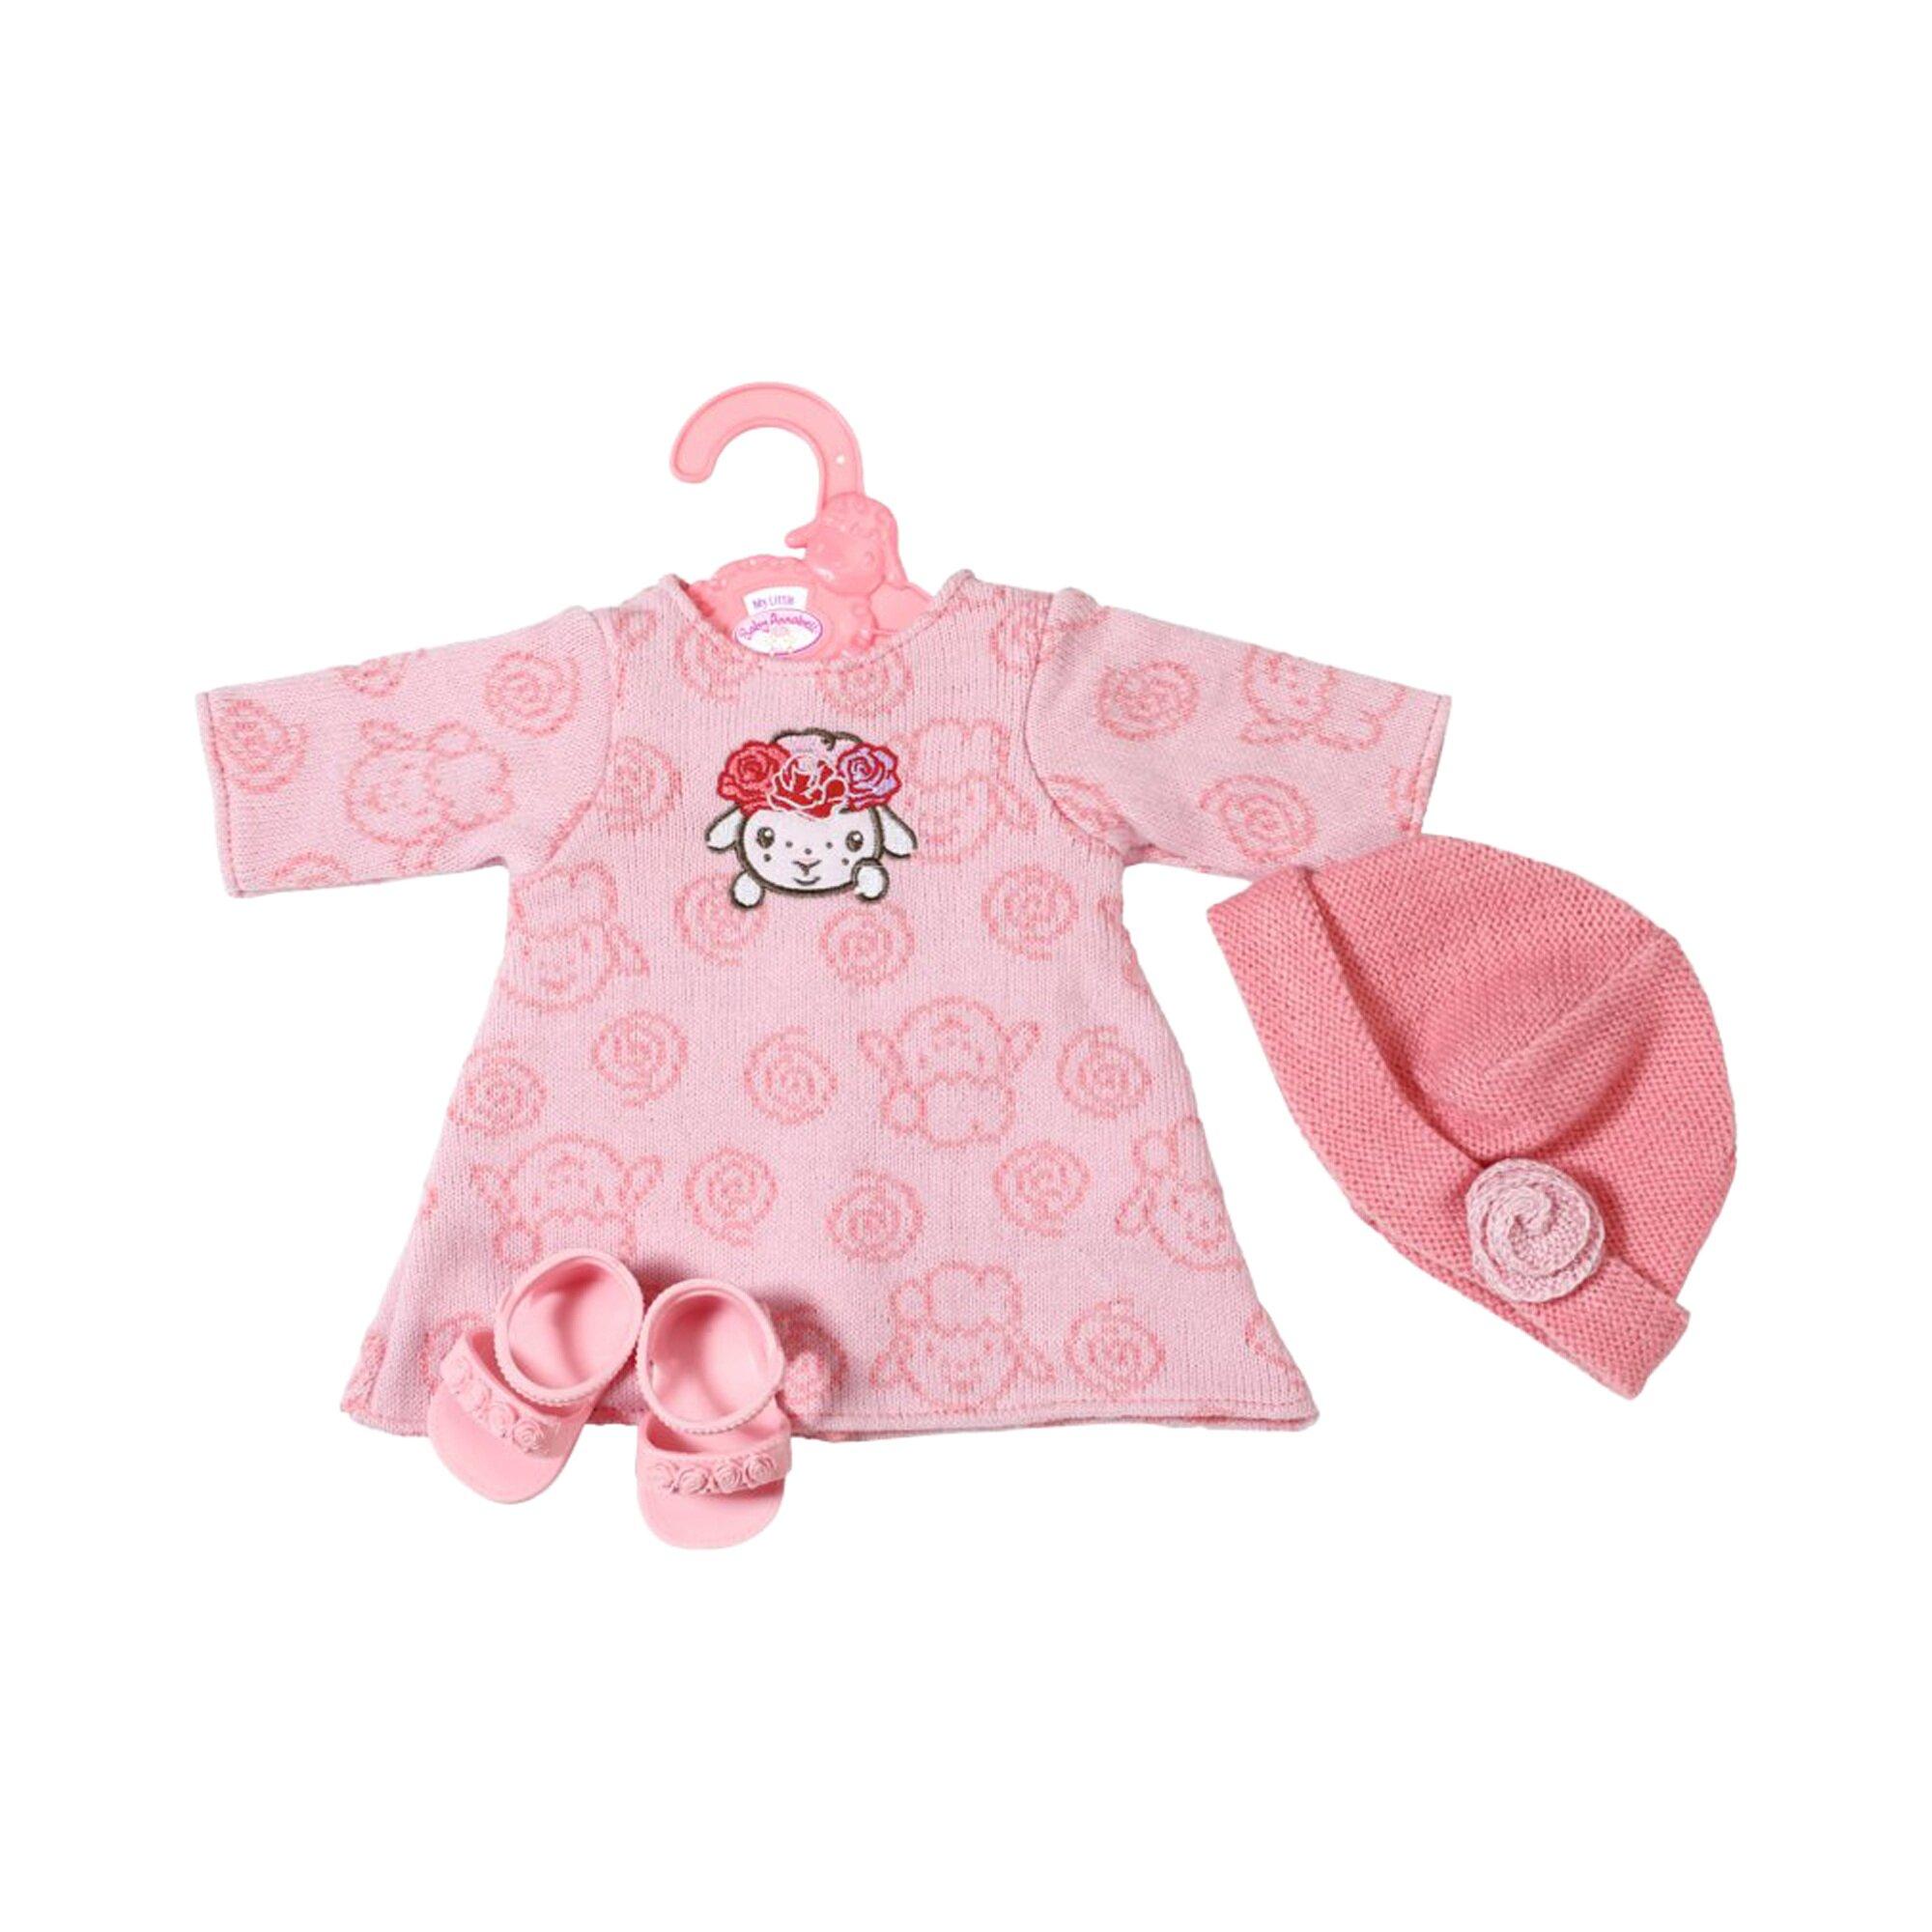 baby-annabell-puppen-outfit-kleines-strickkleid-36cm